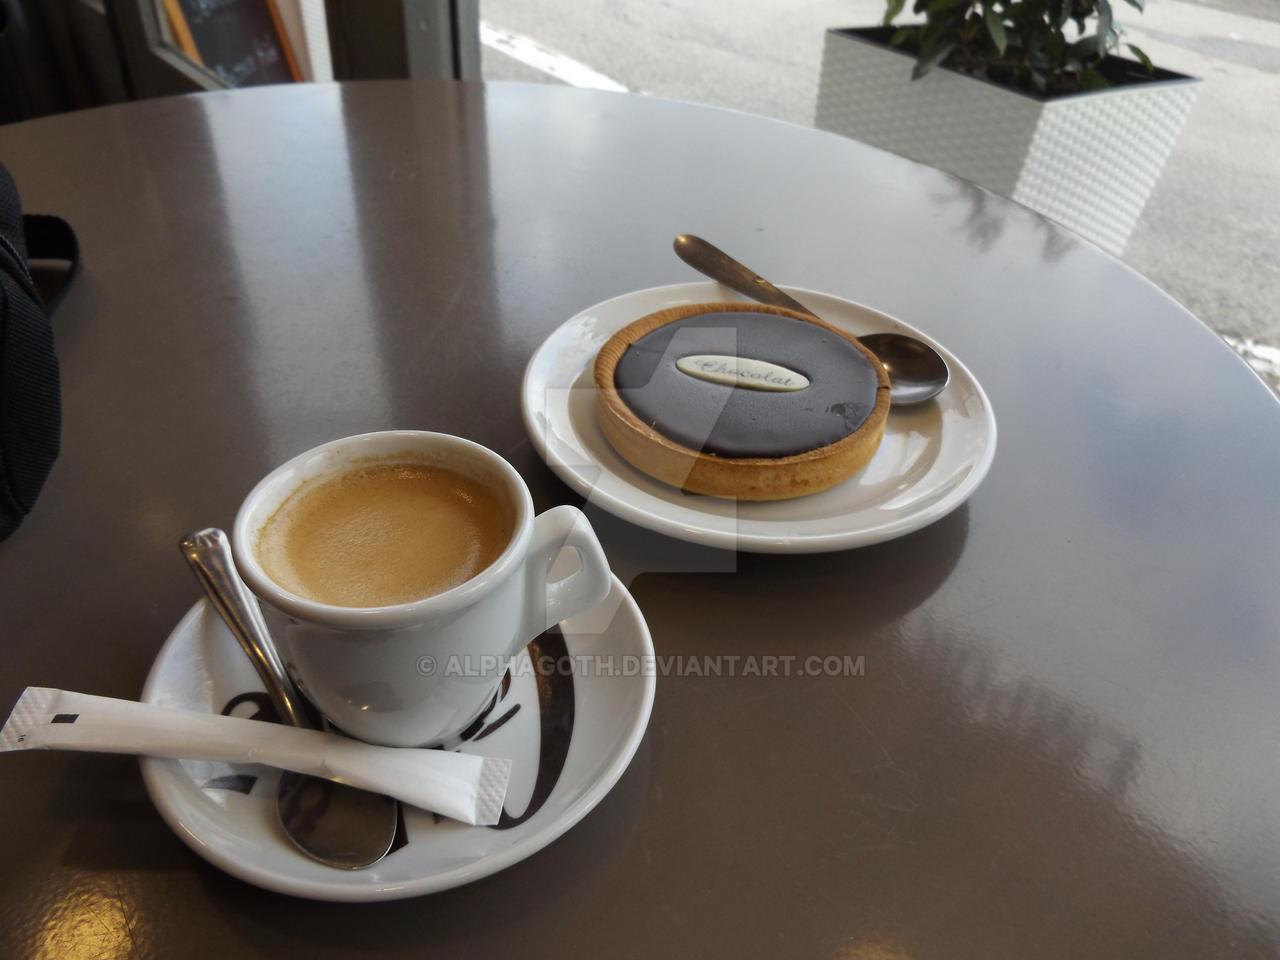 Coffee toffee by Alphagoth